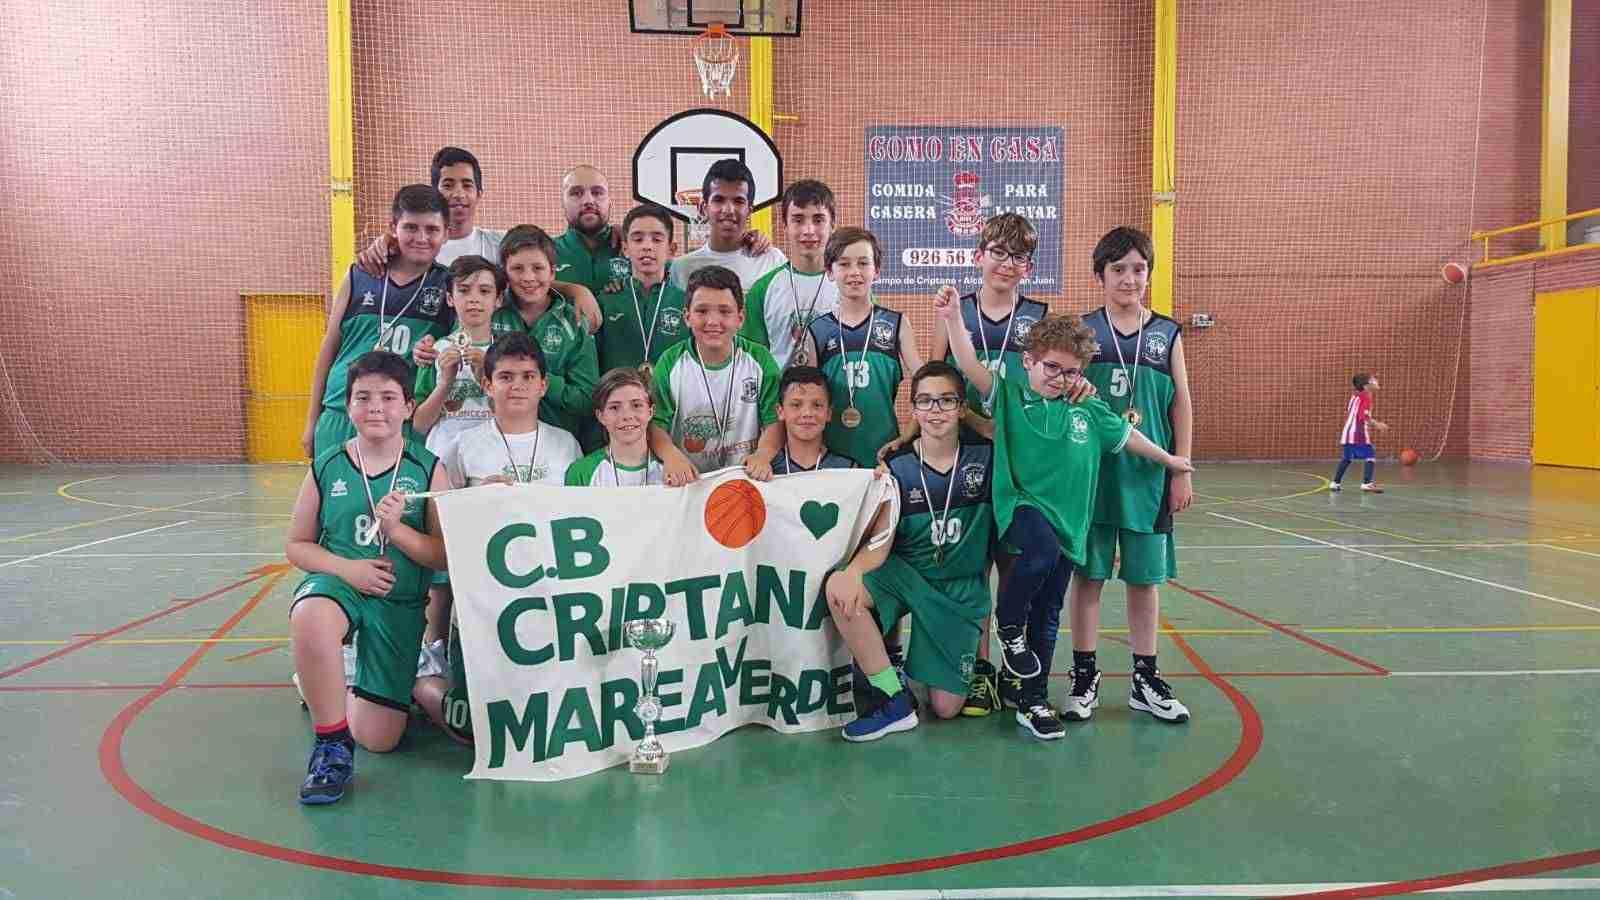 Crónicas baloncesto Criptana 1